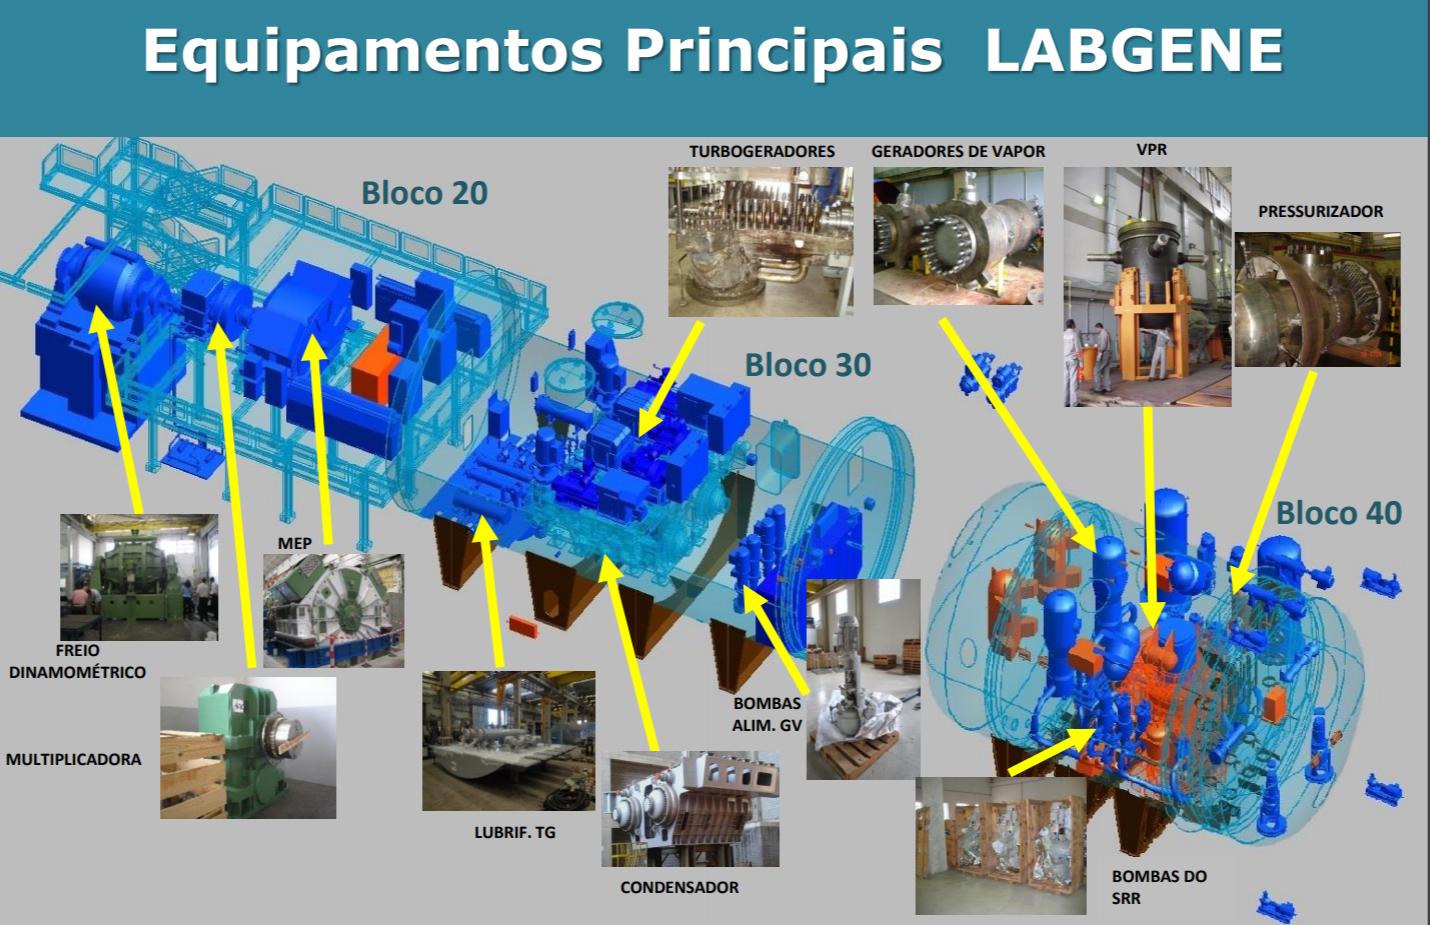 LABGENE e seus equipamentos